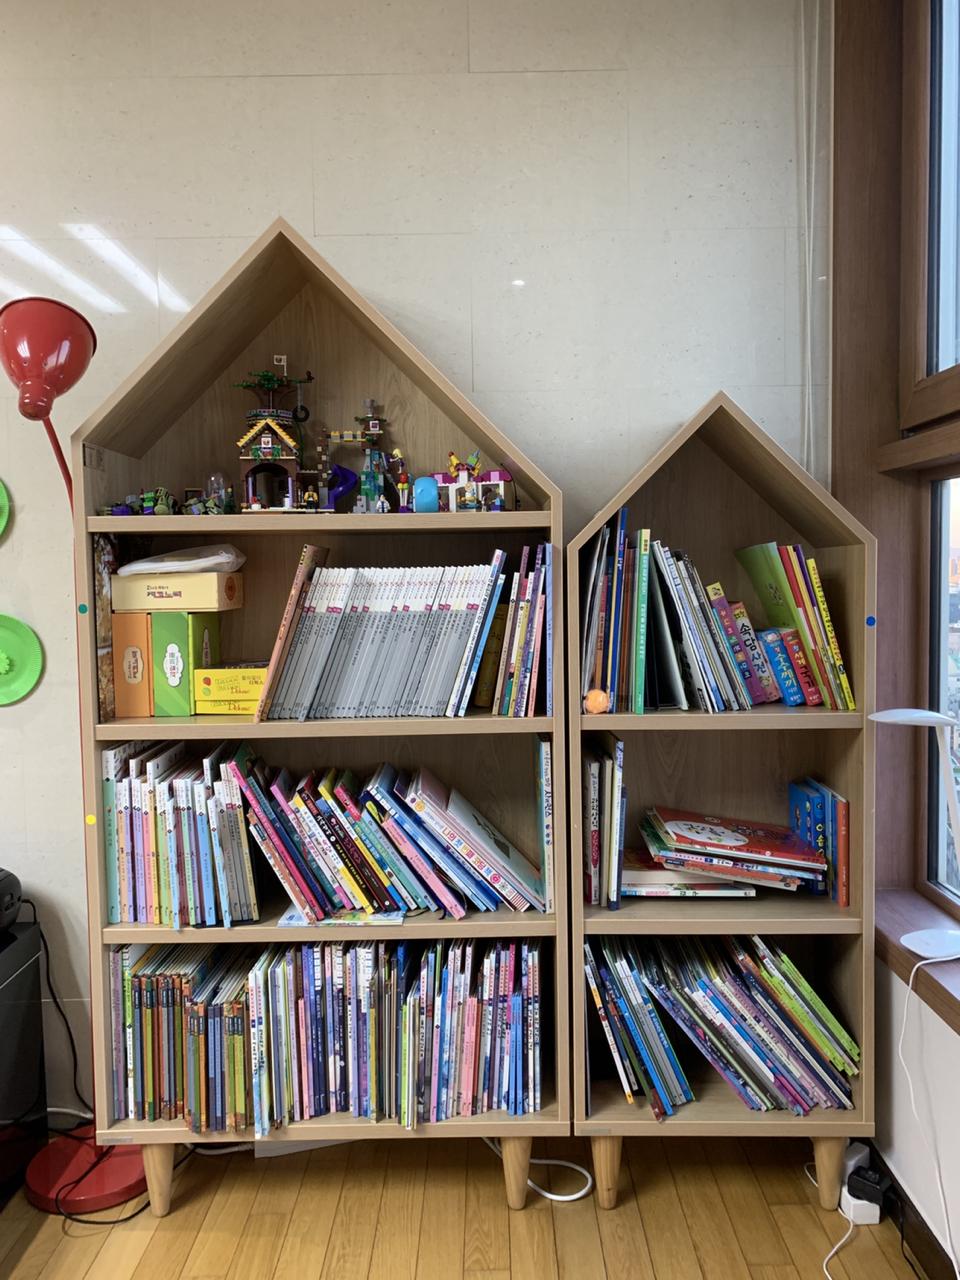 리바트 집과 책나무 책꽂이 하우스 2개 (책장)